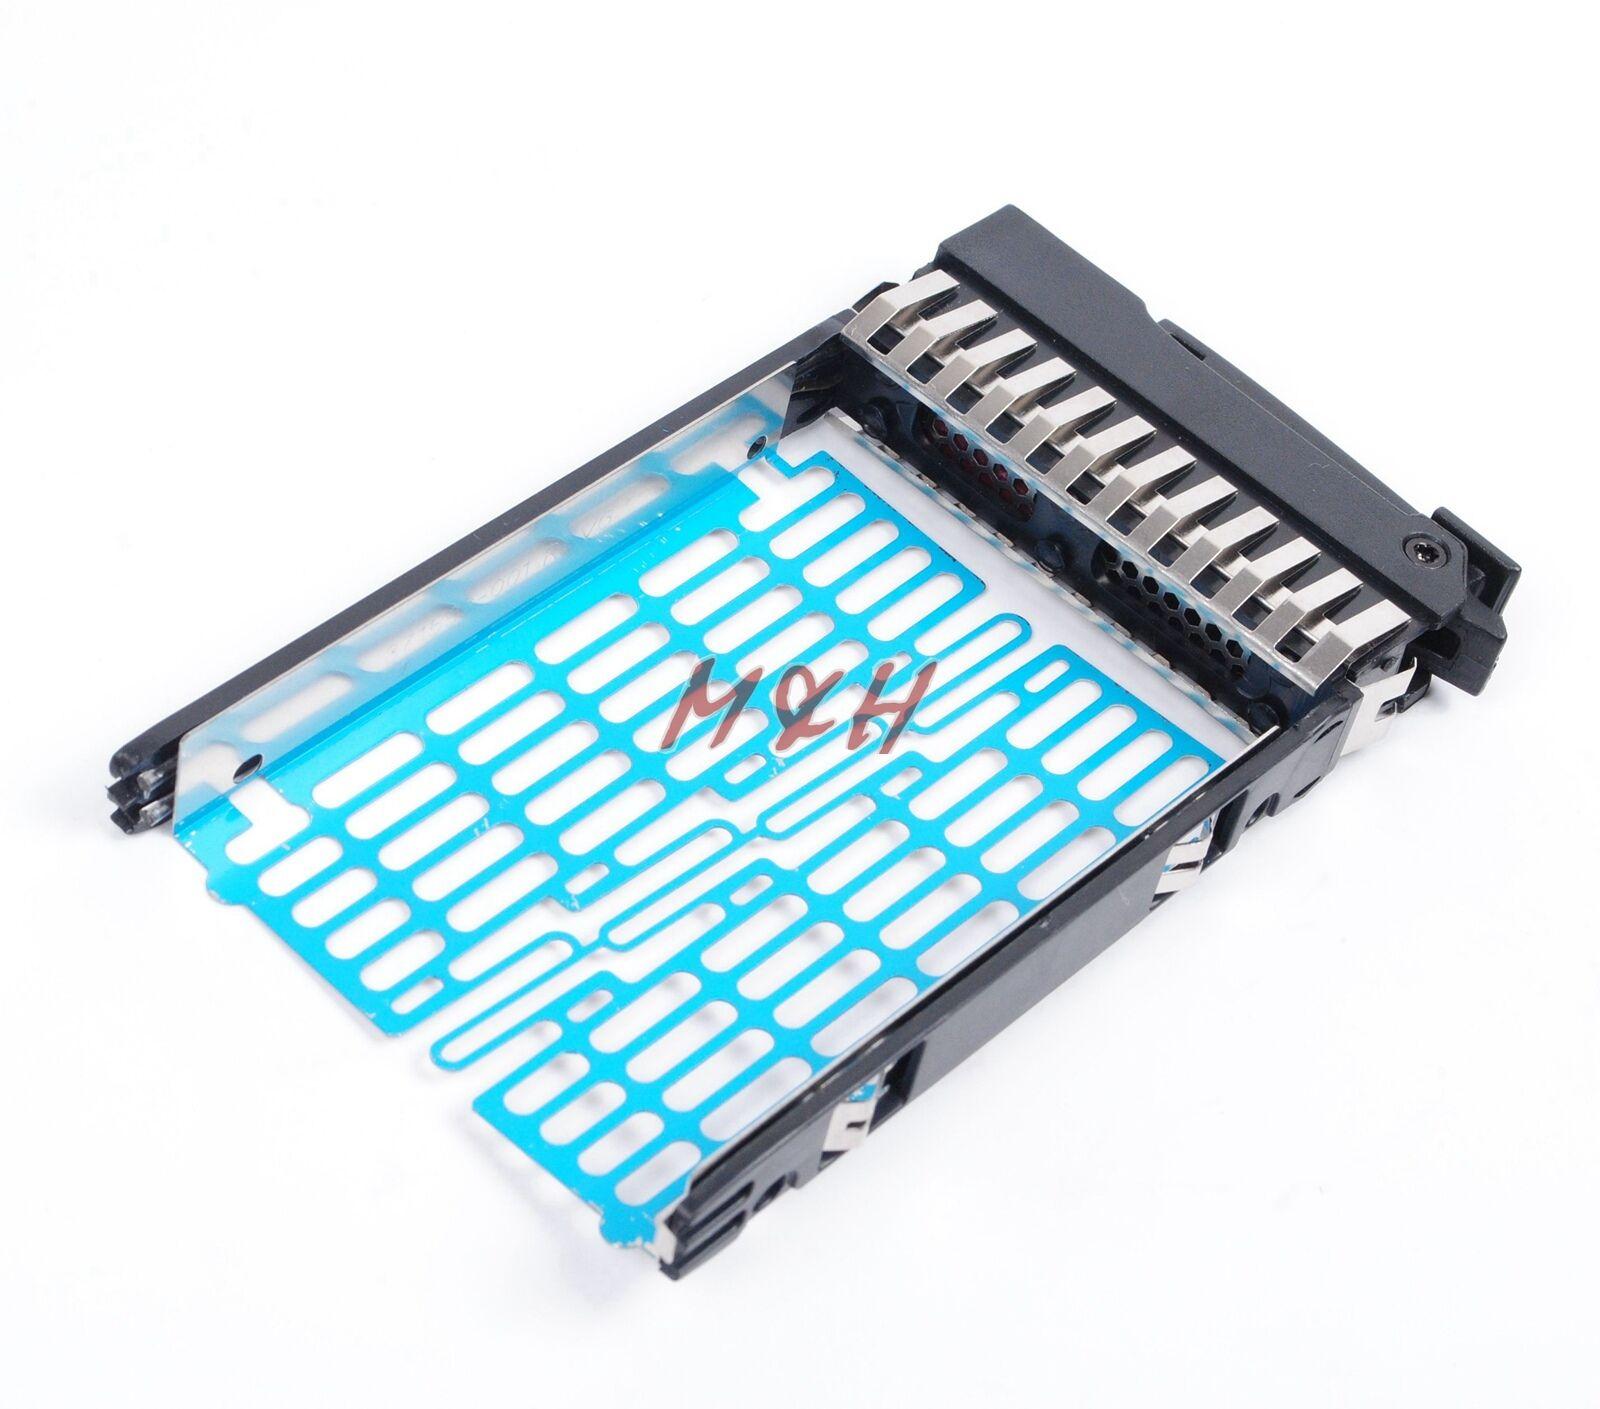 HP 2.5 HDD TRAY Caddy 378343-002 SAS/SATA DRIVE DL580 DL360 DL380 G4 ...